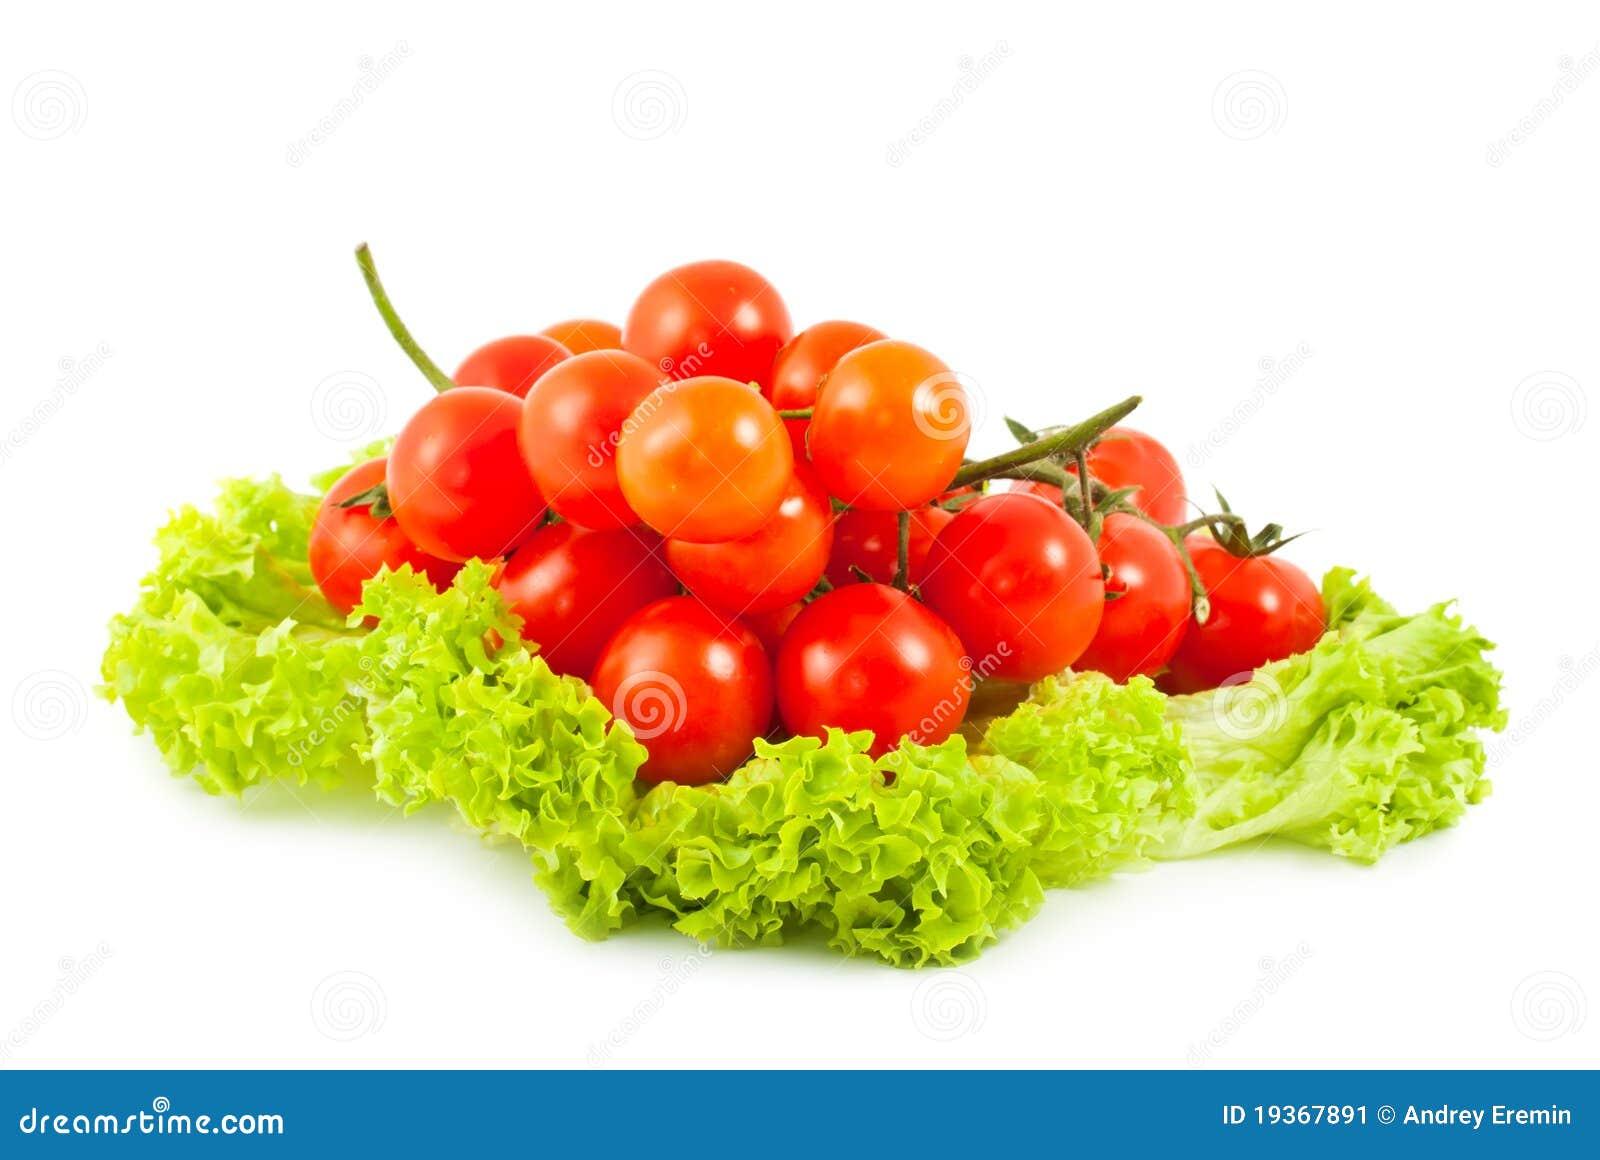 Cereja dos tomates e salada verde